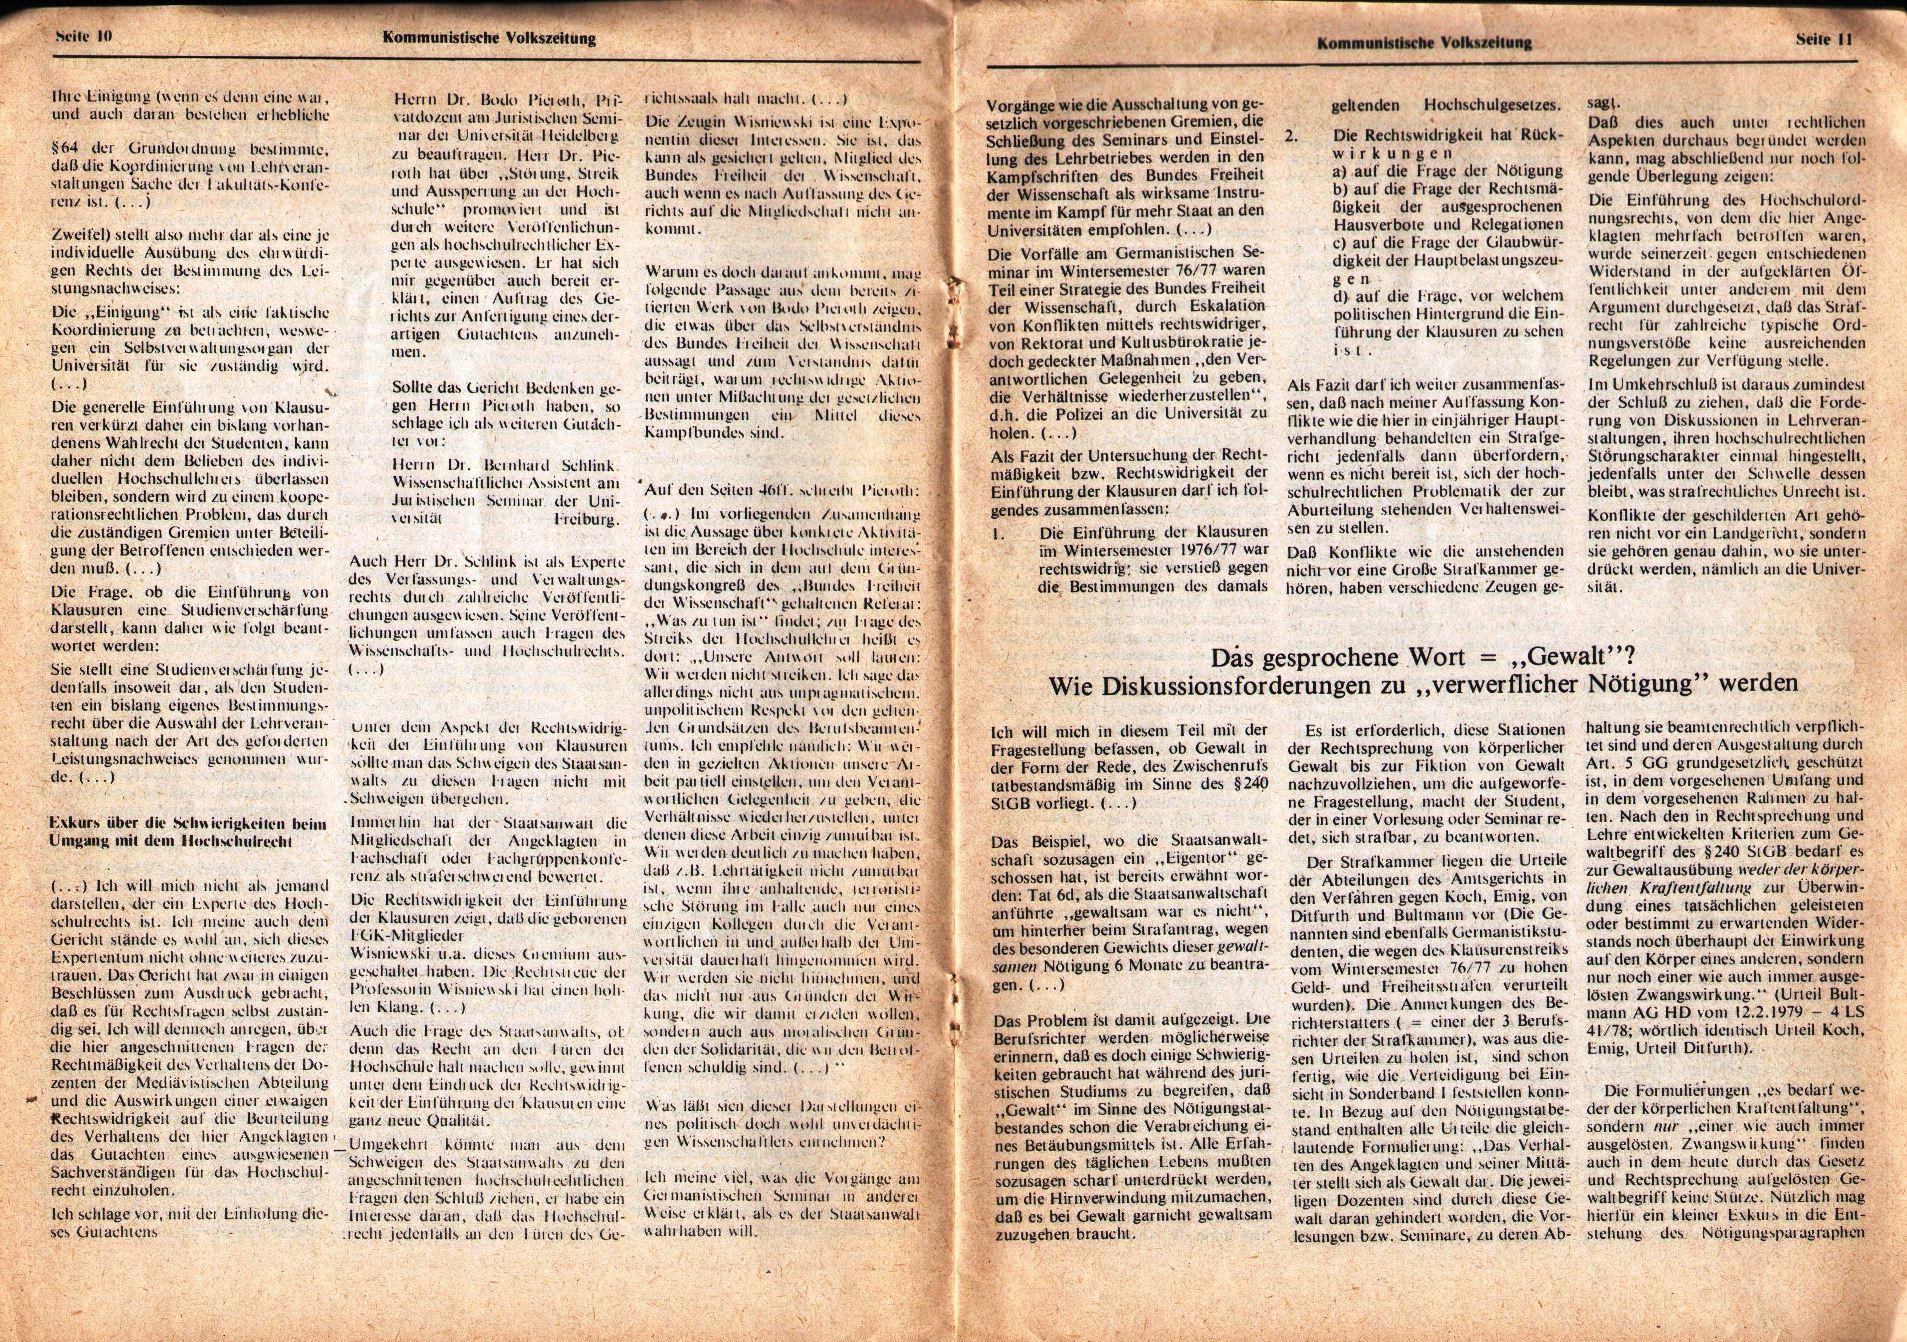 Heidelberg_KHG_1980_Germanistenprozess006